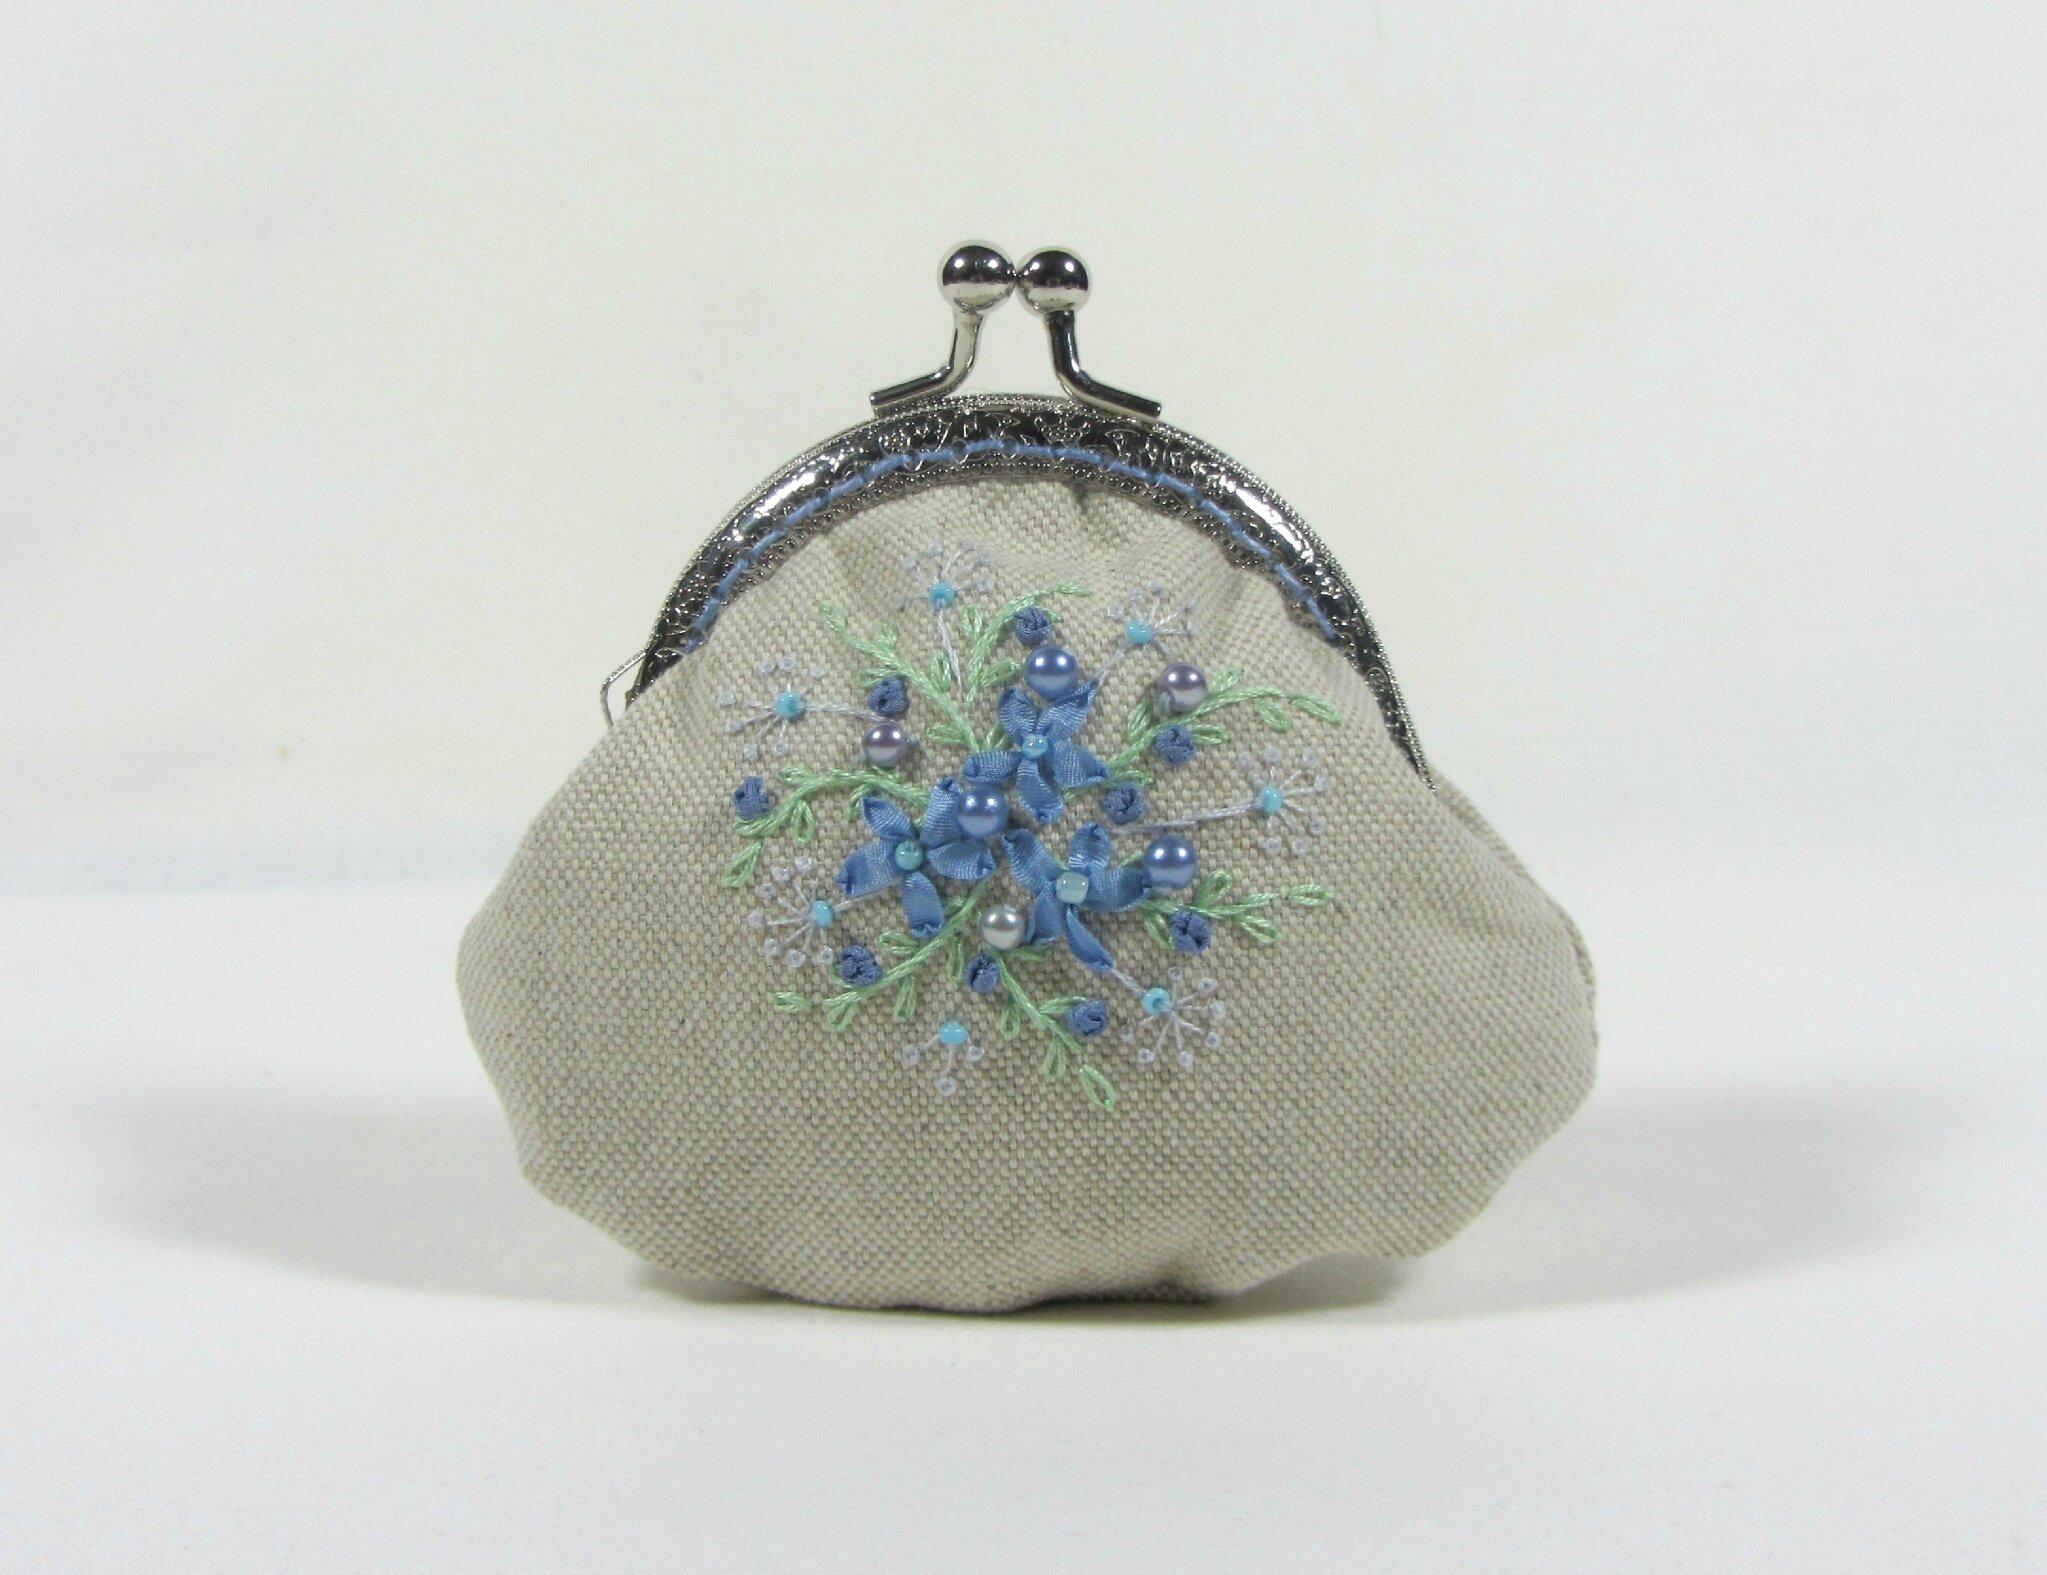 Porte-monnaie brodé en soie et des perles